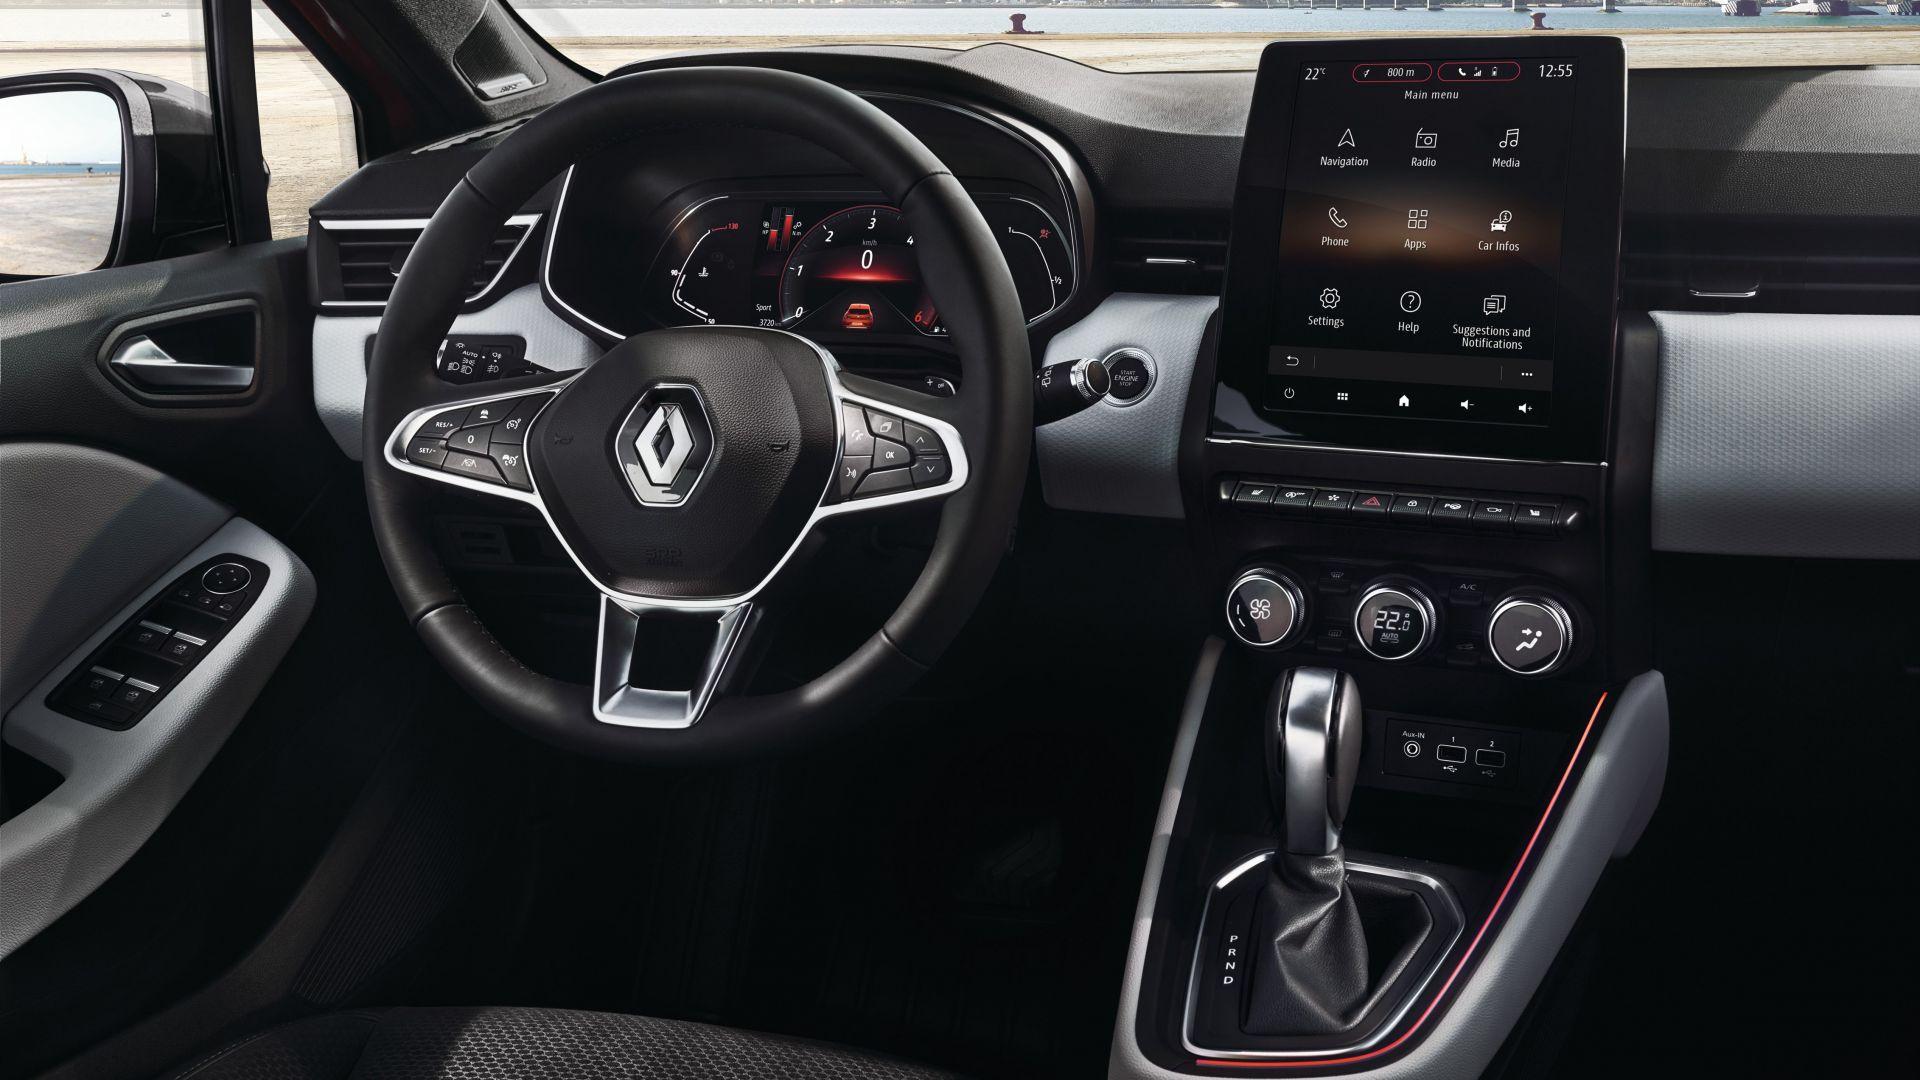 Renault Clio 5 2022 hình ảnh kích thước mô tôri uscita